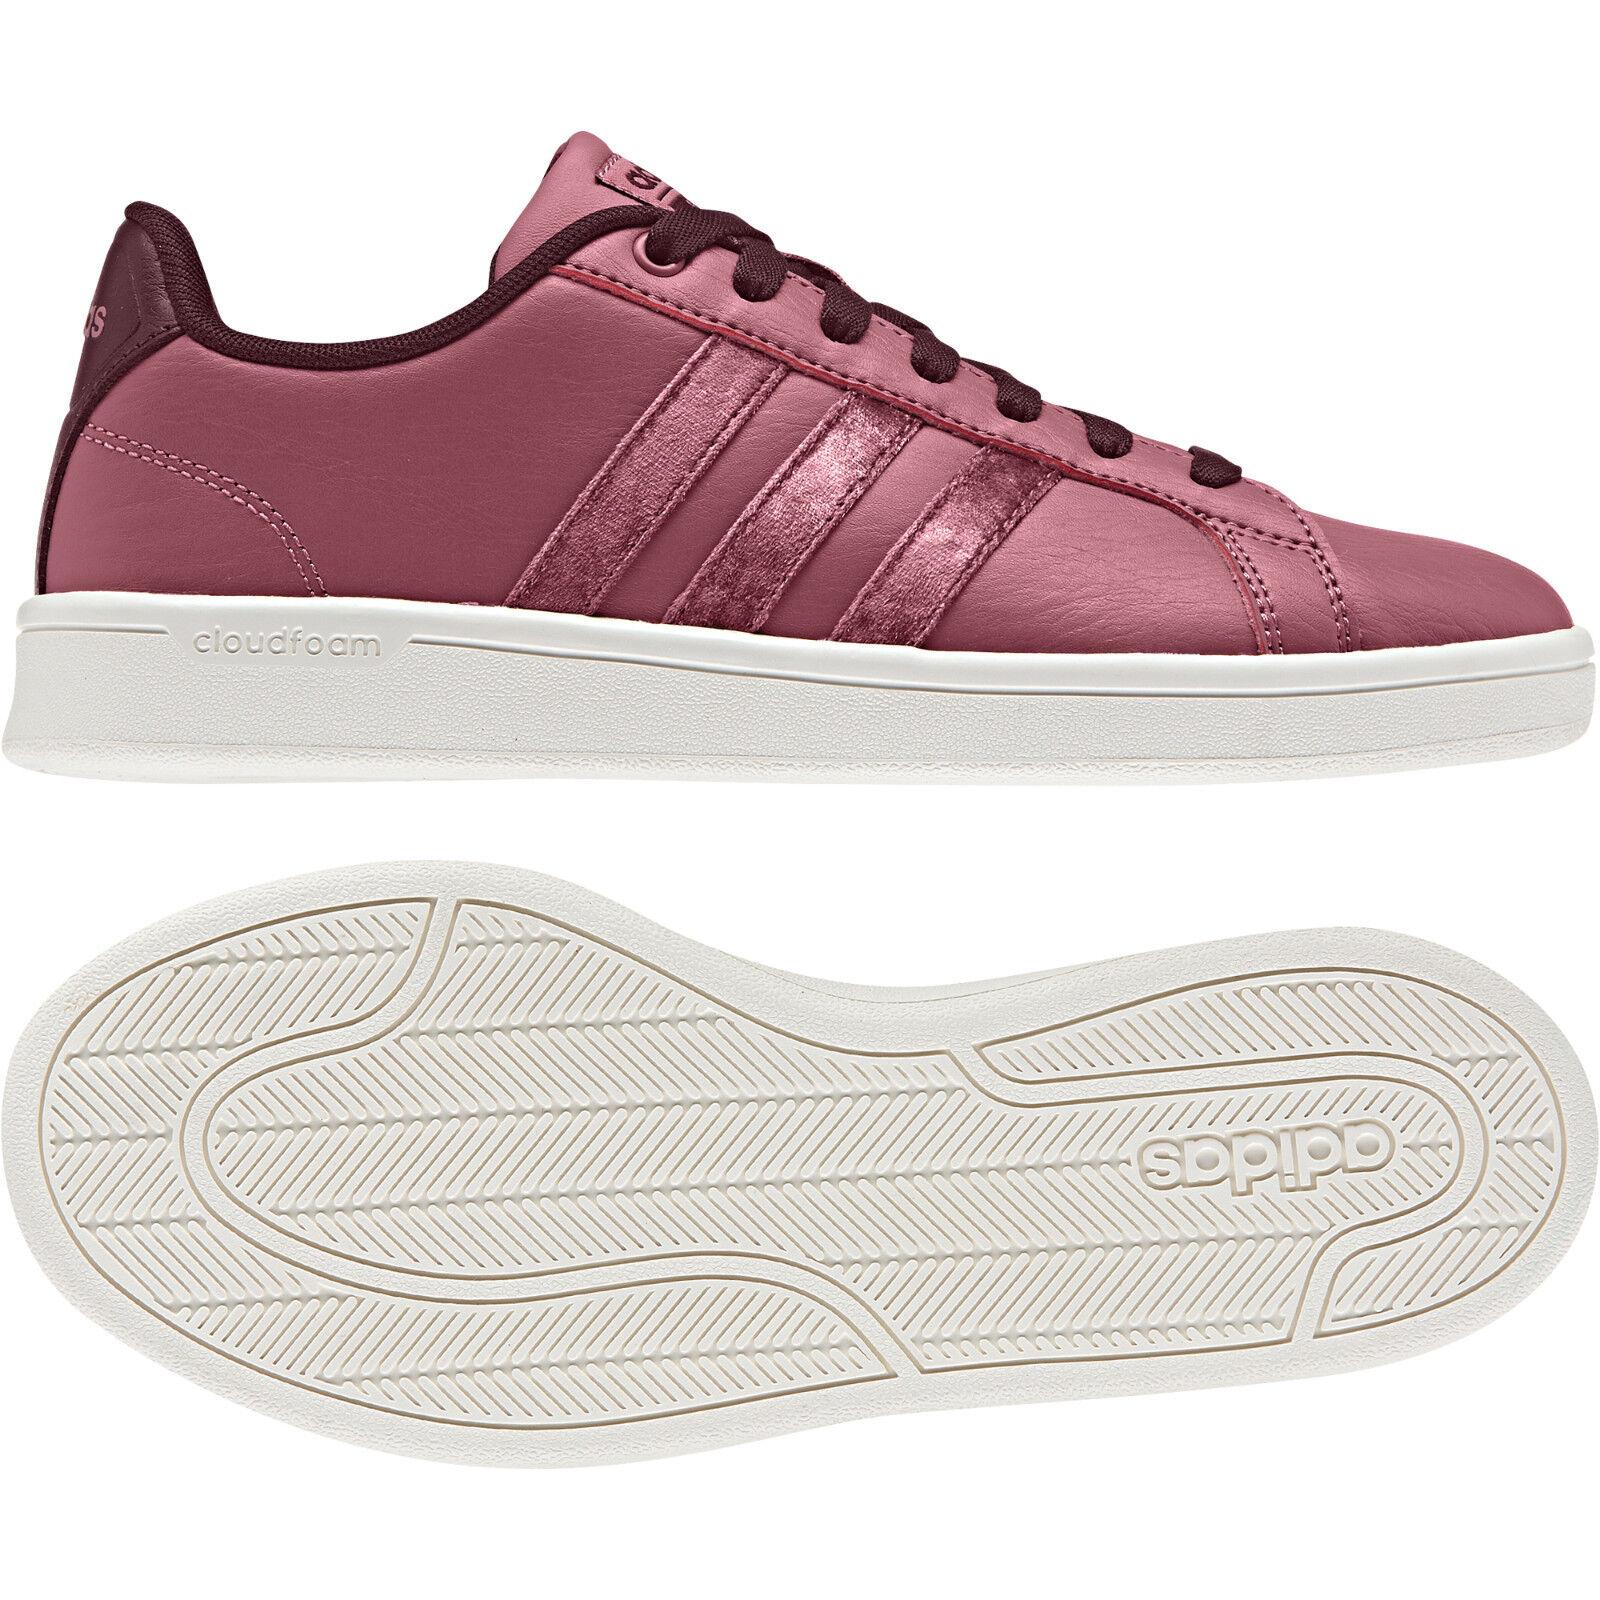 Adidas damen schuhe Casual Turnschuhe Fashion Cloudfoam Advantage Running BB7255